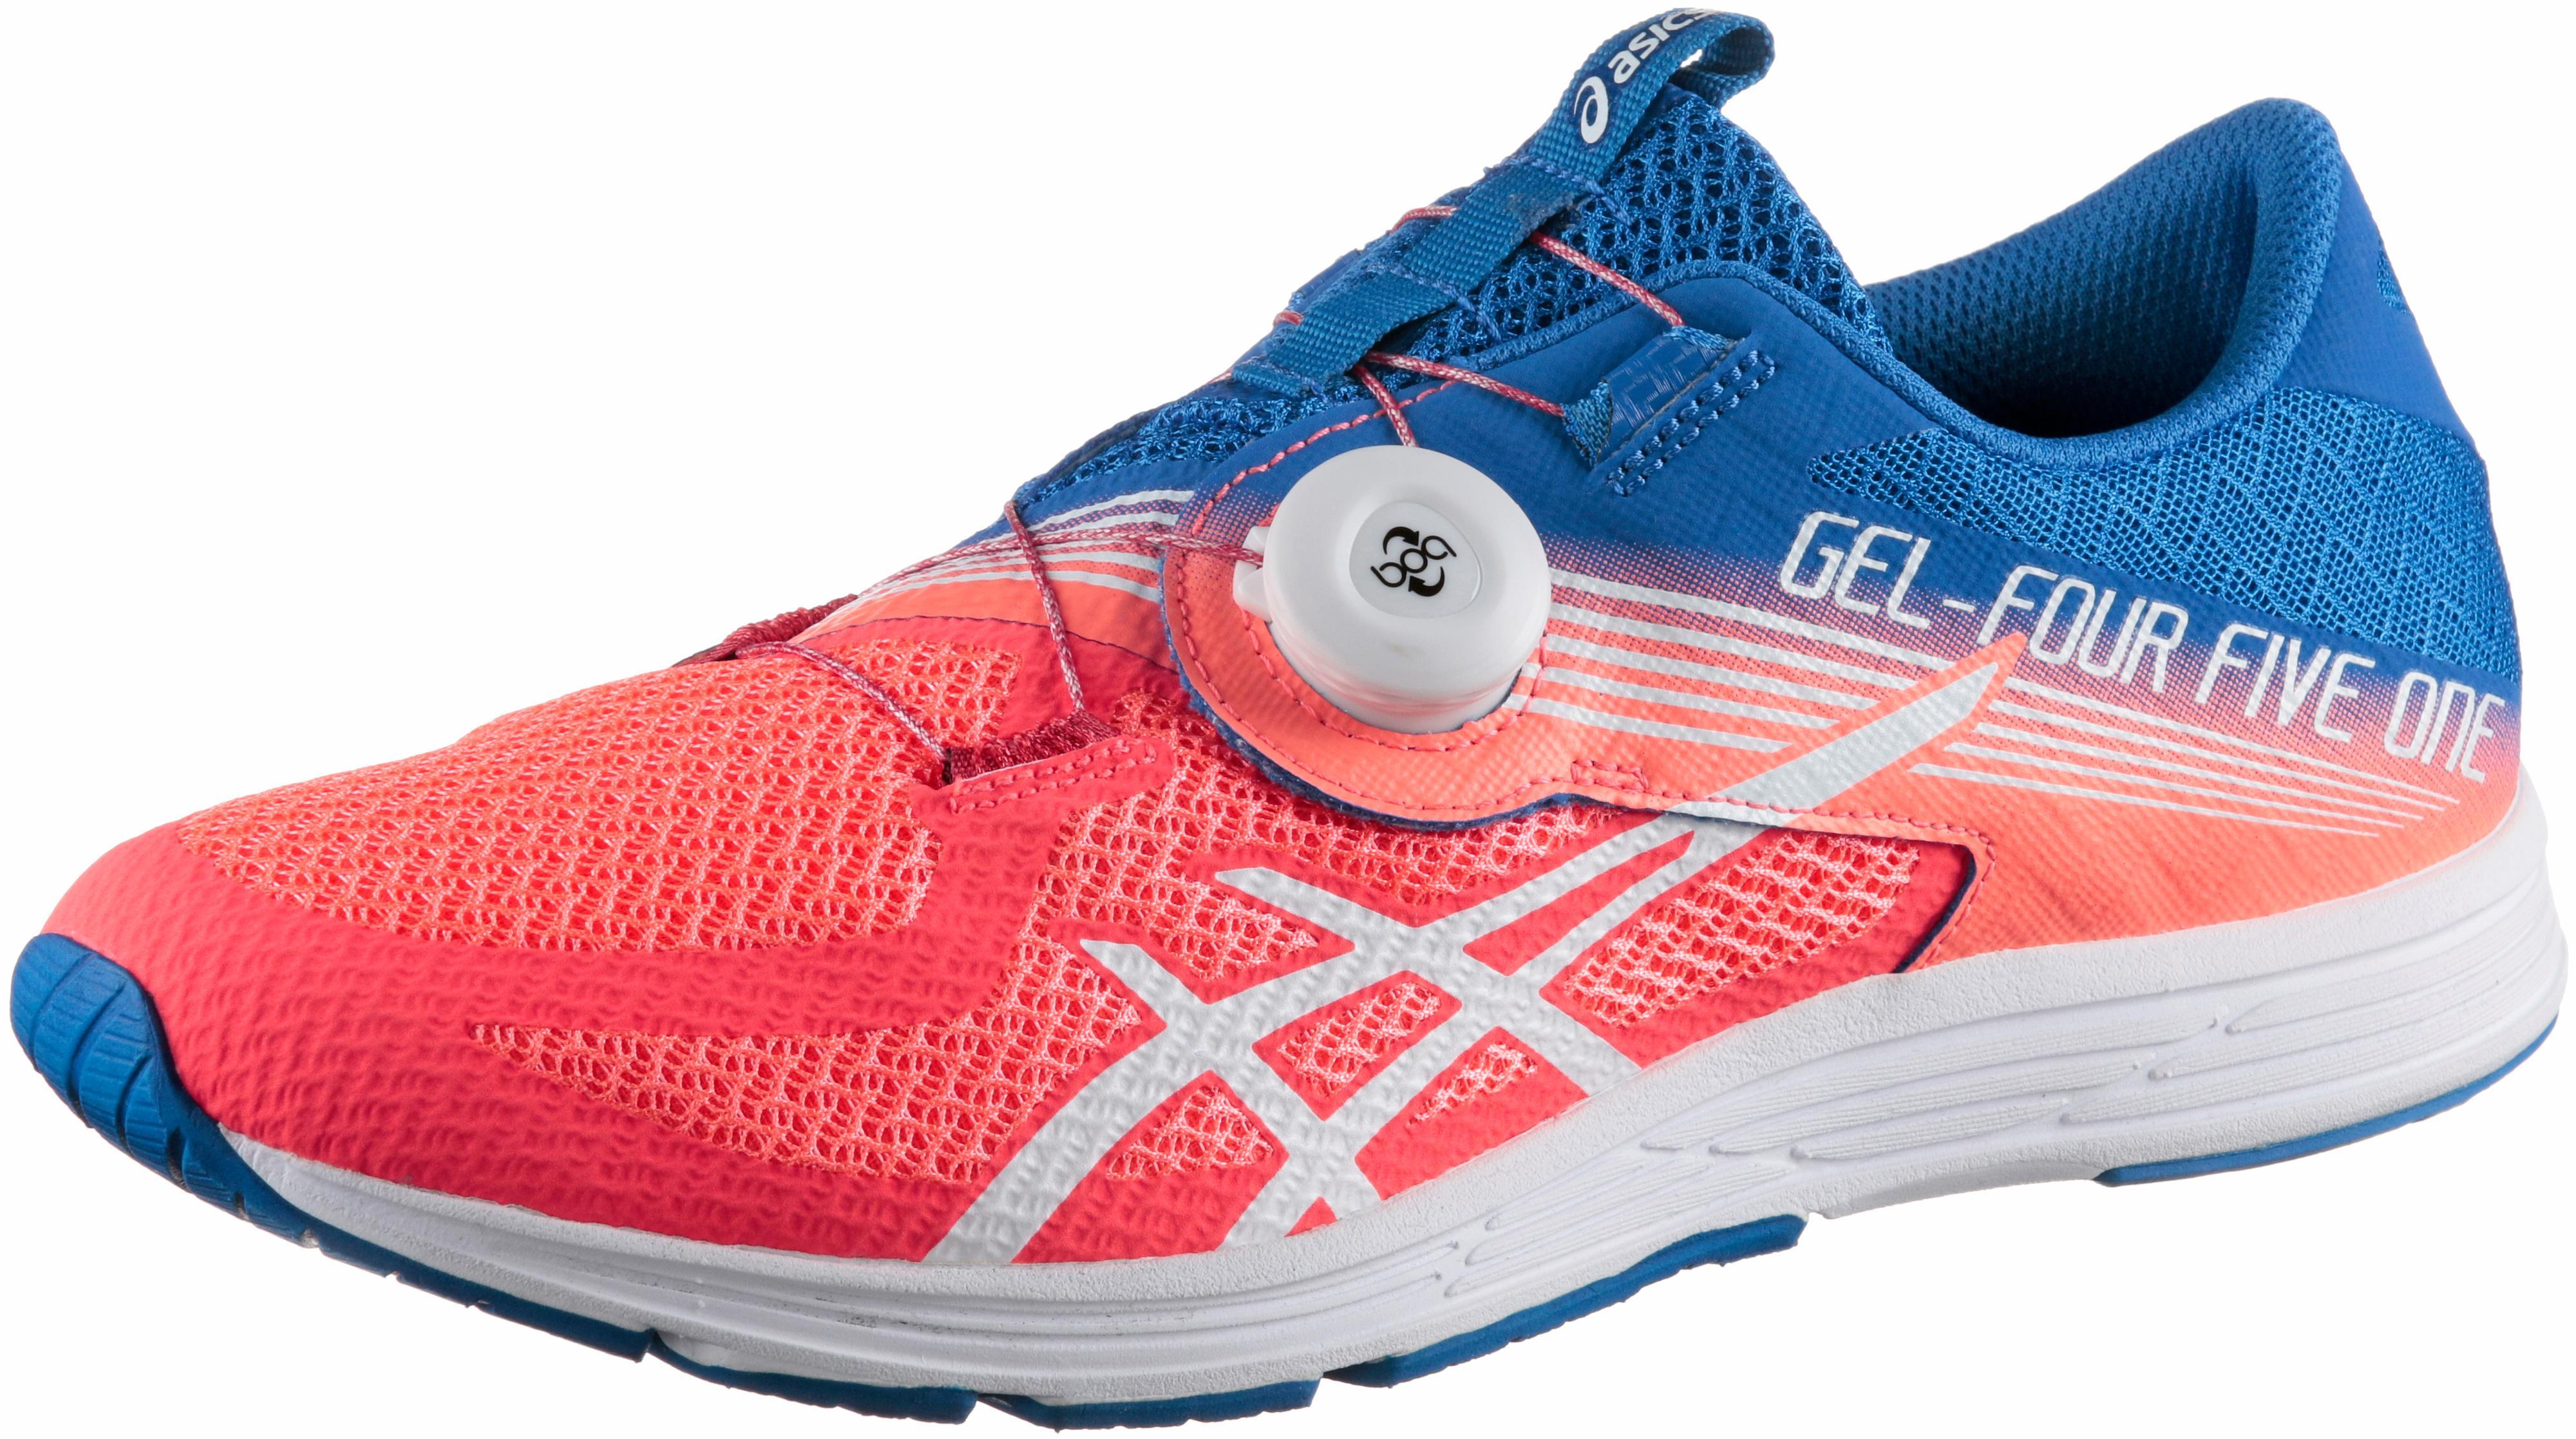 quality design 46873 72cbd ASICS GEL-451 Laufschuhe Herren flash coral-white-directoire blue im Online  Shop von SportScheck kaufen